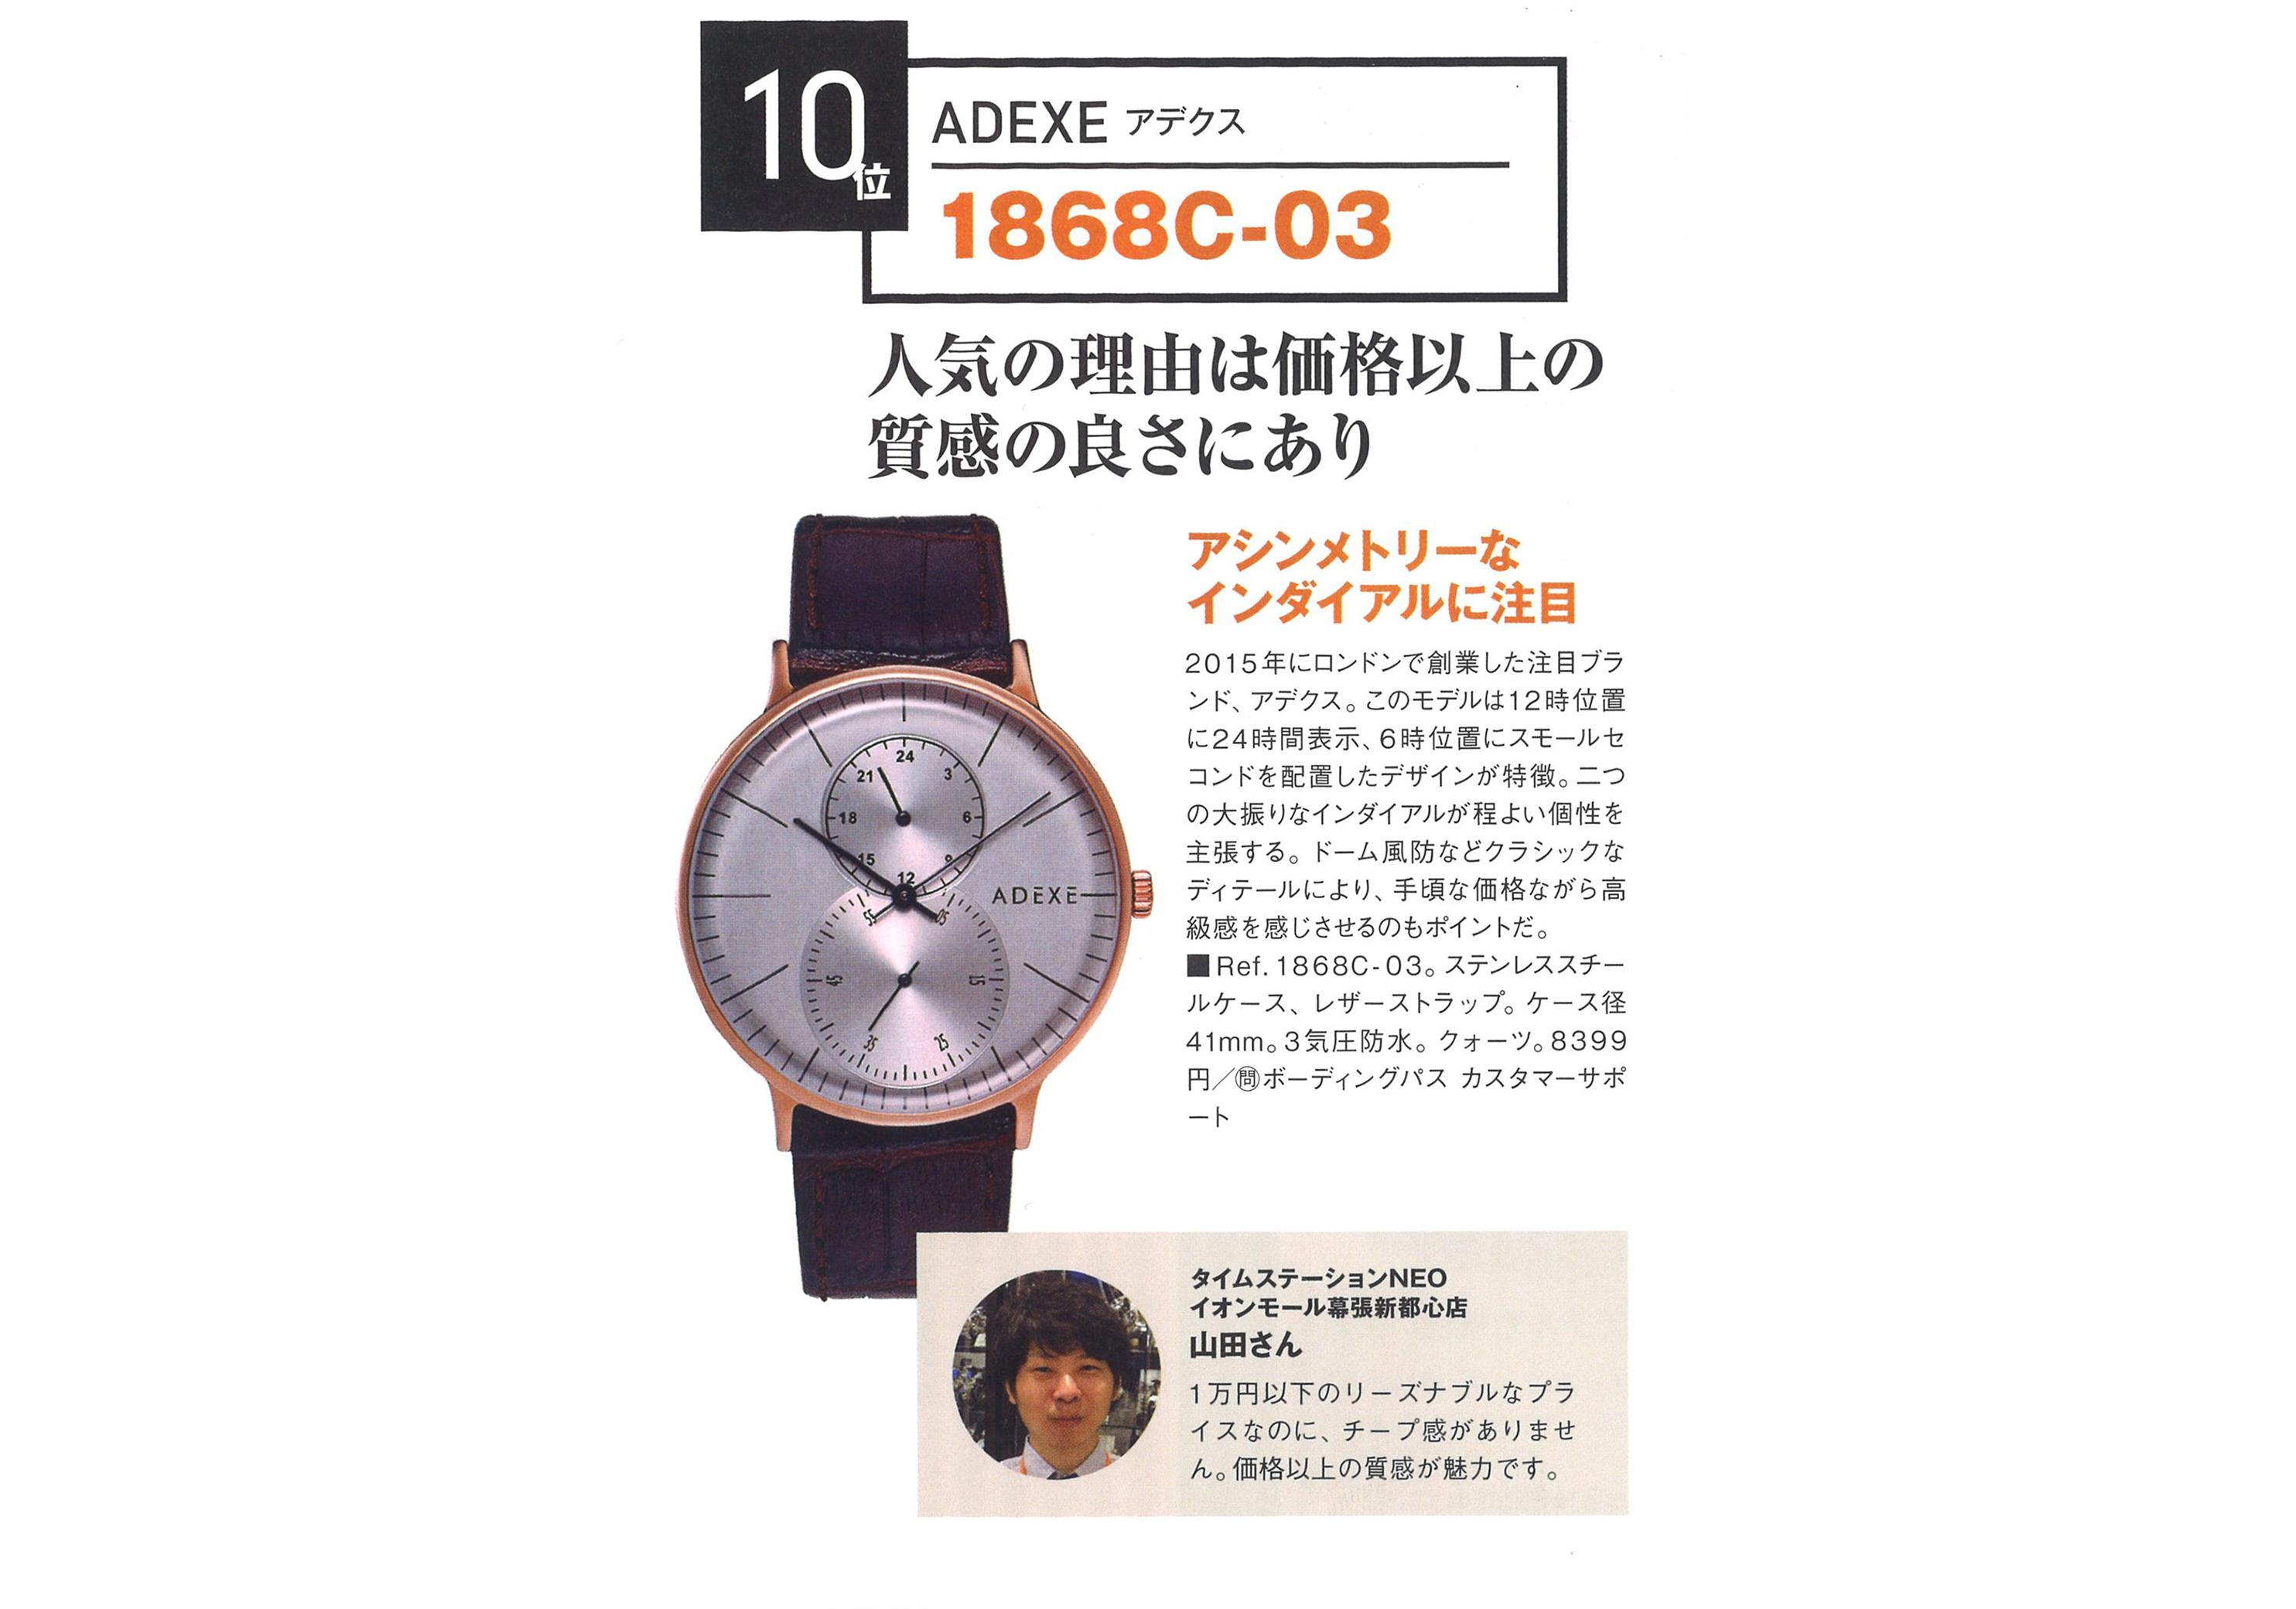 [掲載情報]TIME Gear(タイムギア)Vol.22